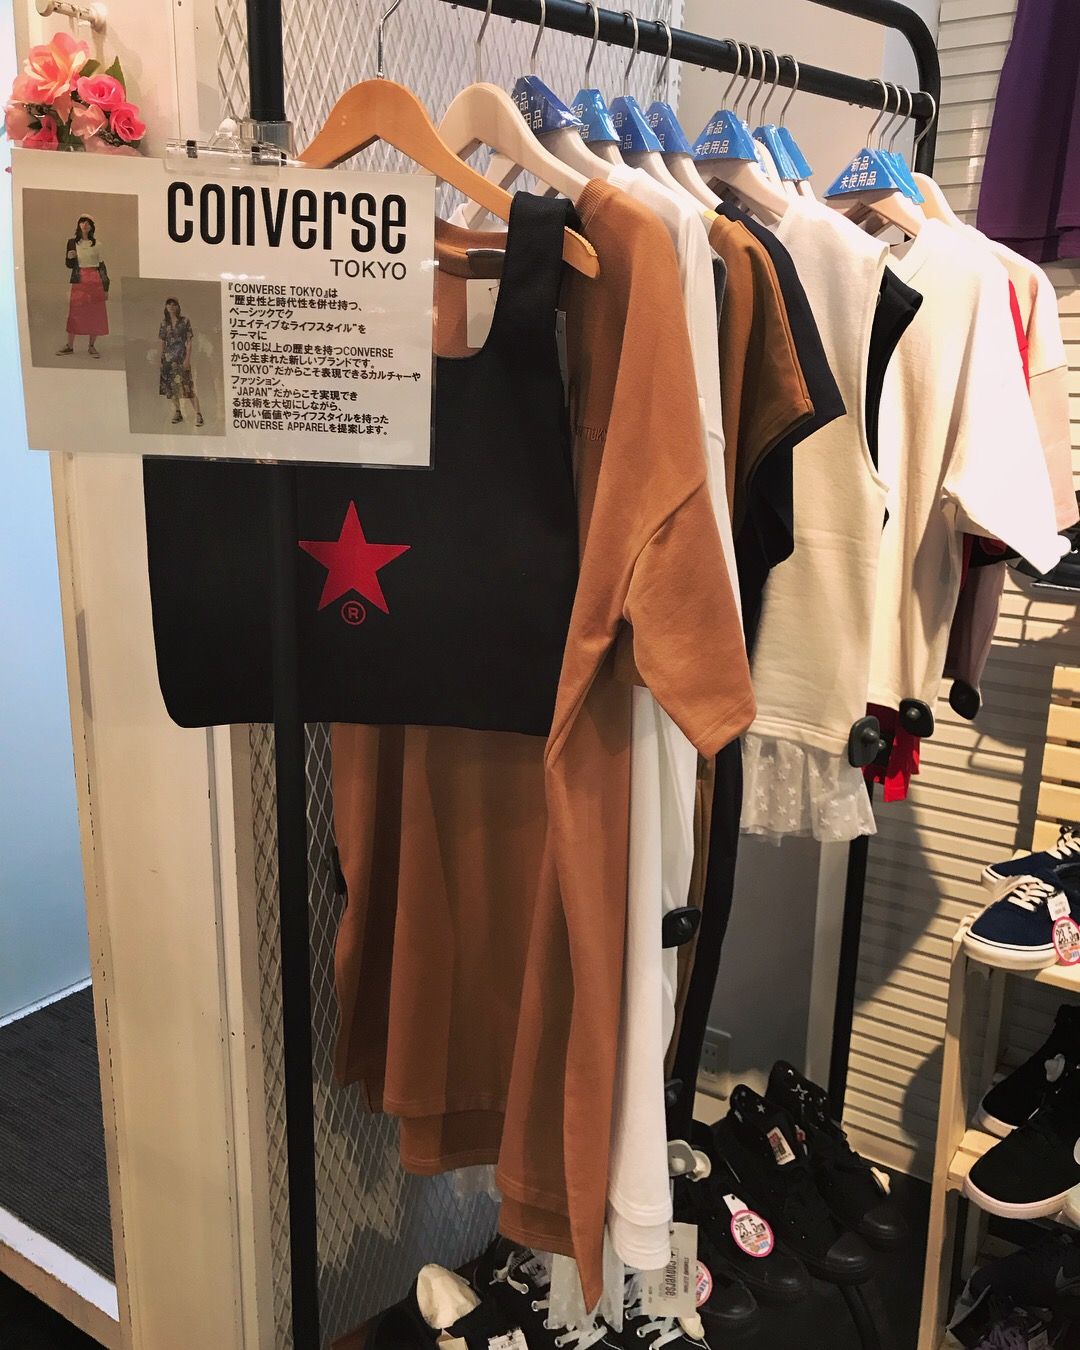 Converseアイテム★☆★サンステップ福井南店★古着雑貨販売買取